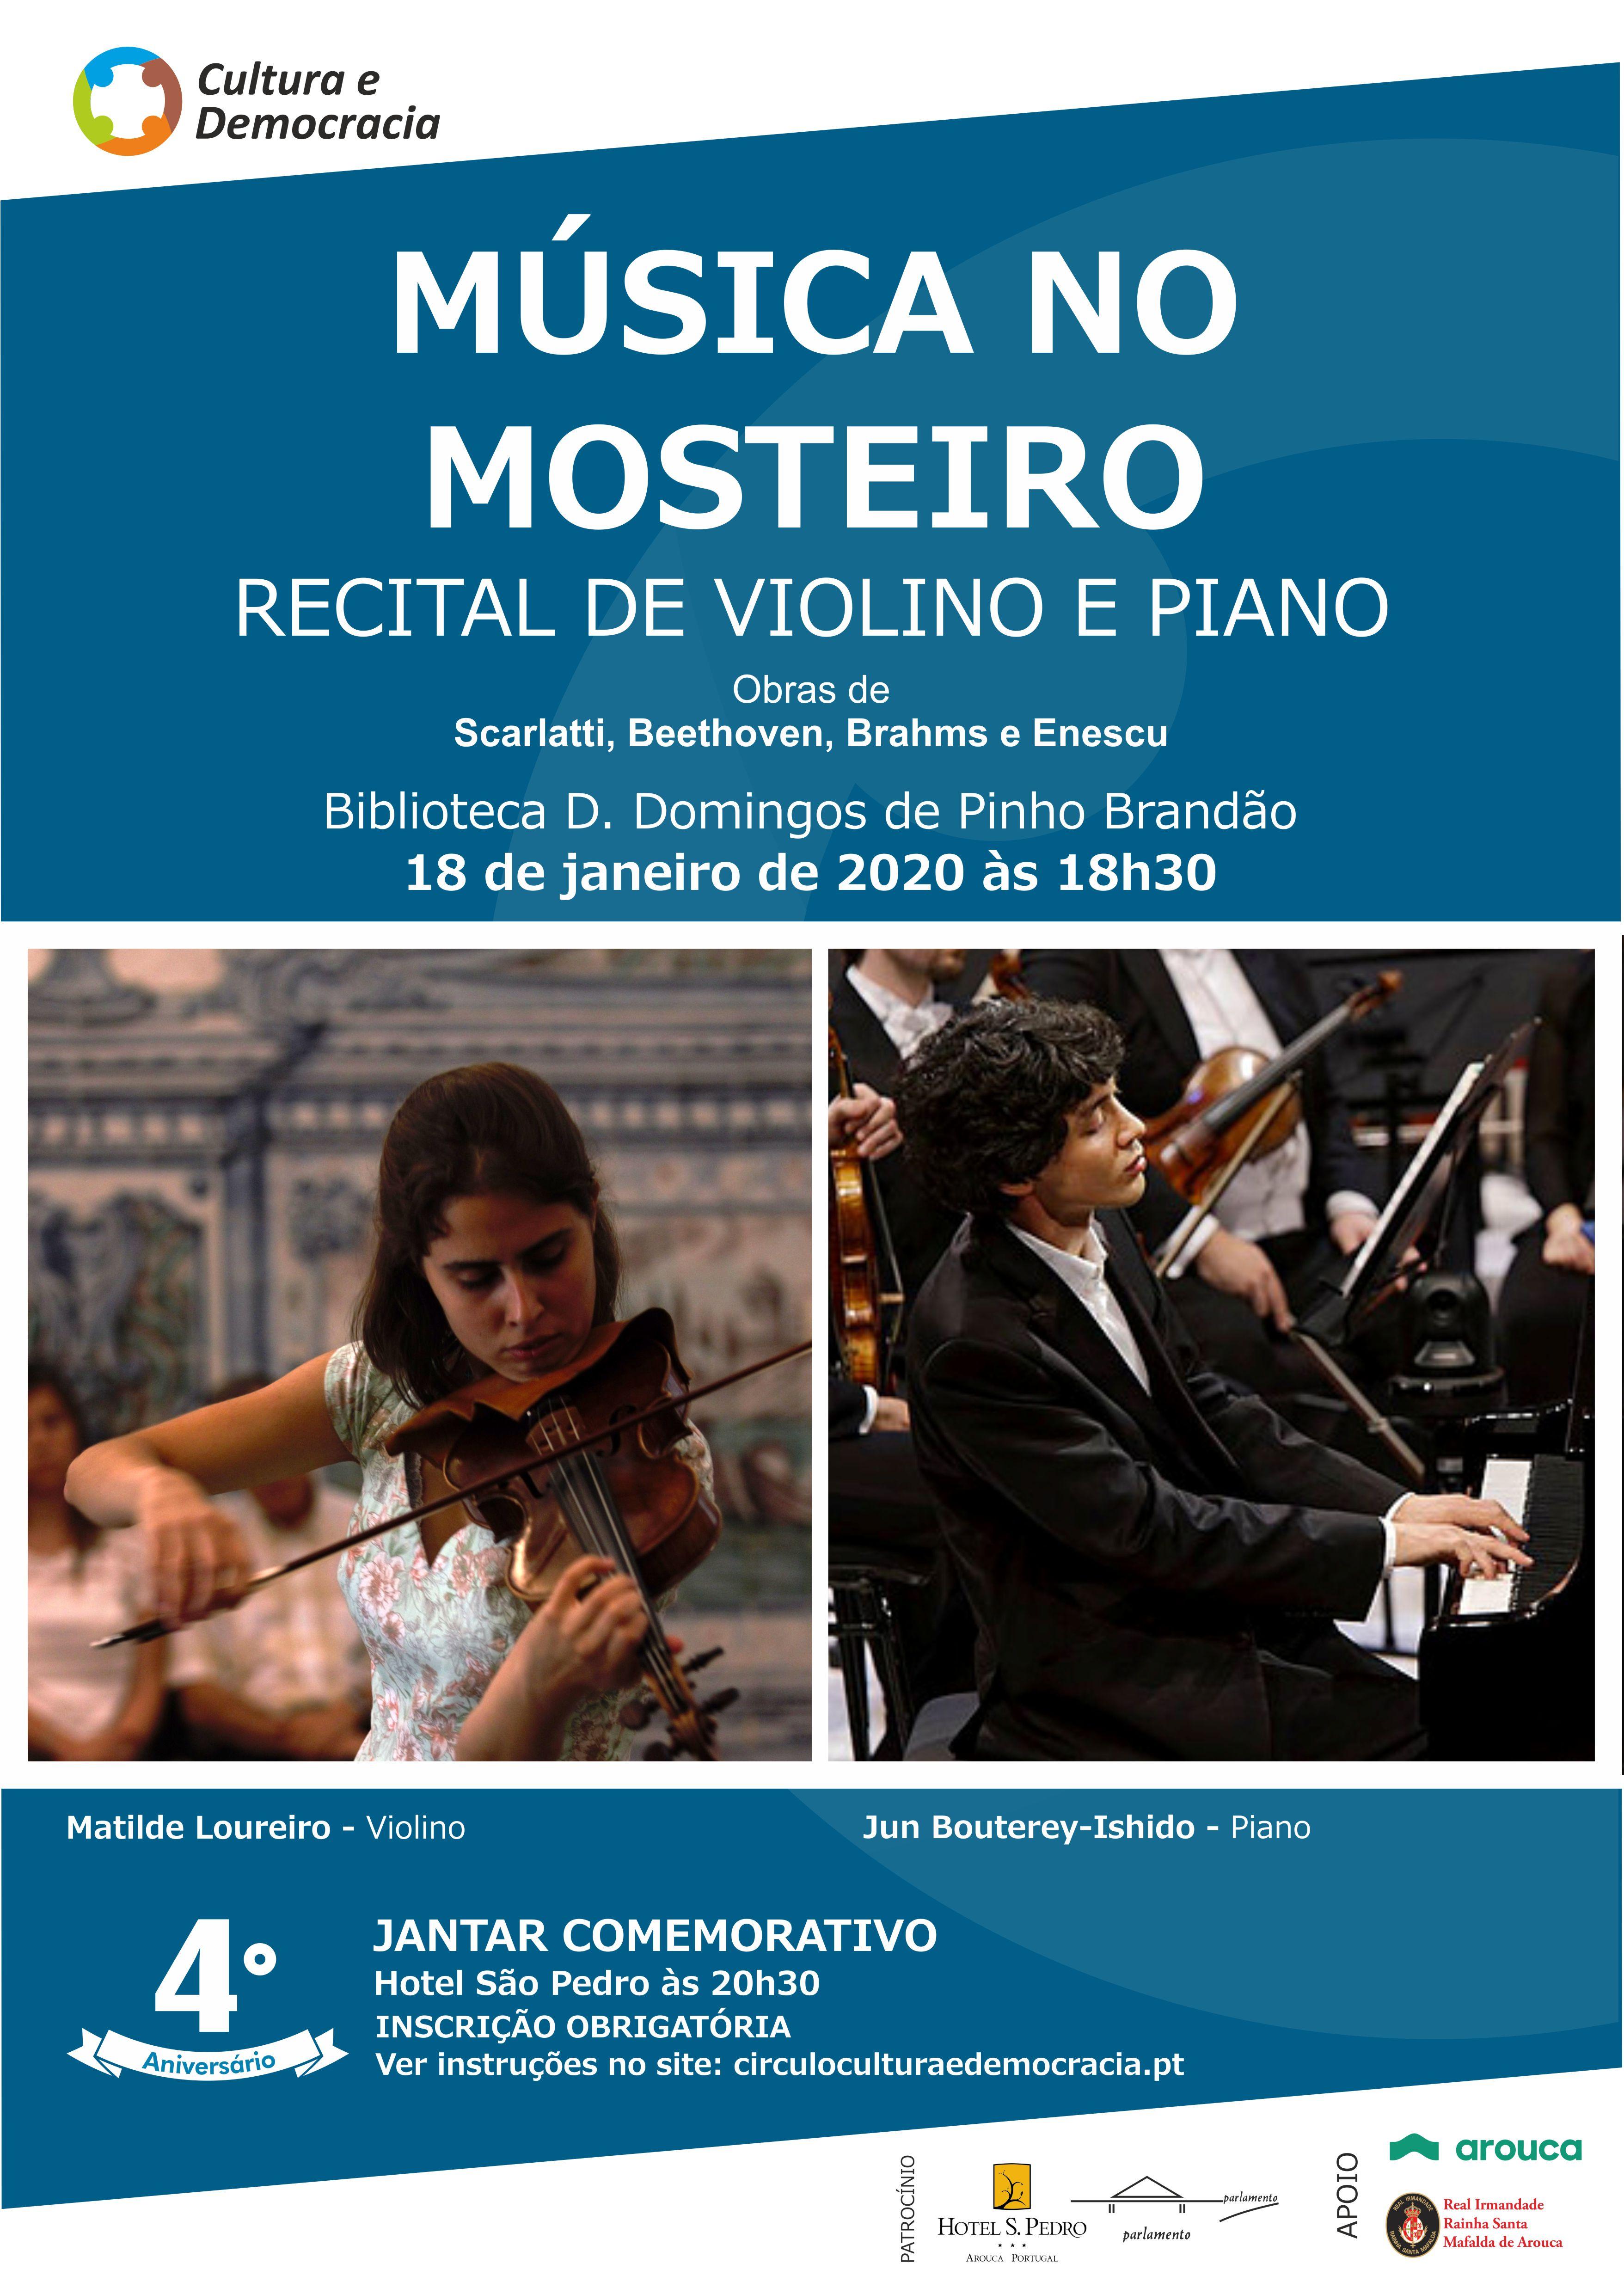 Recital de Violino e Piano celebra 4.º aniversário do Círculo Cultura e Democracia